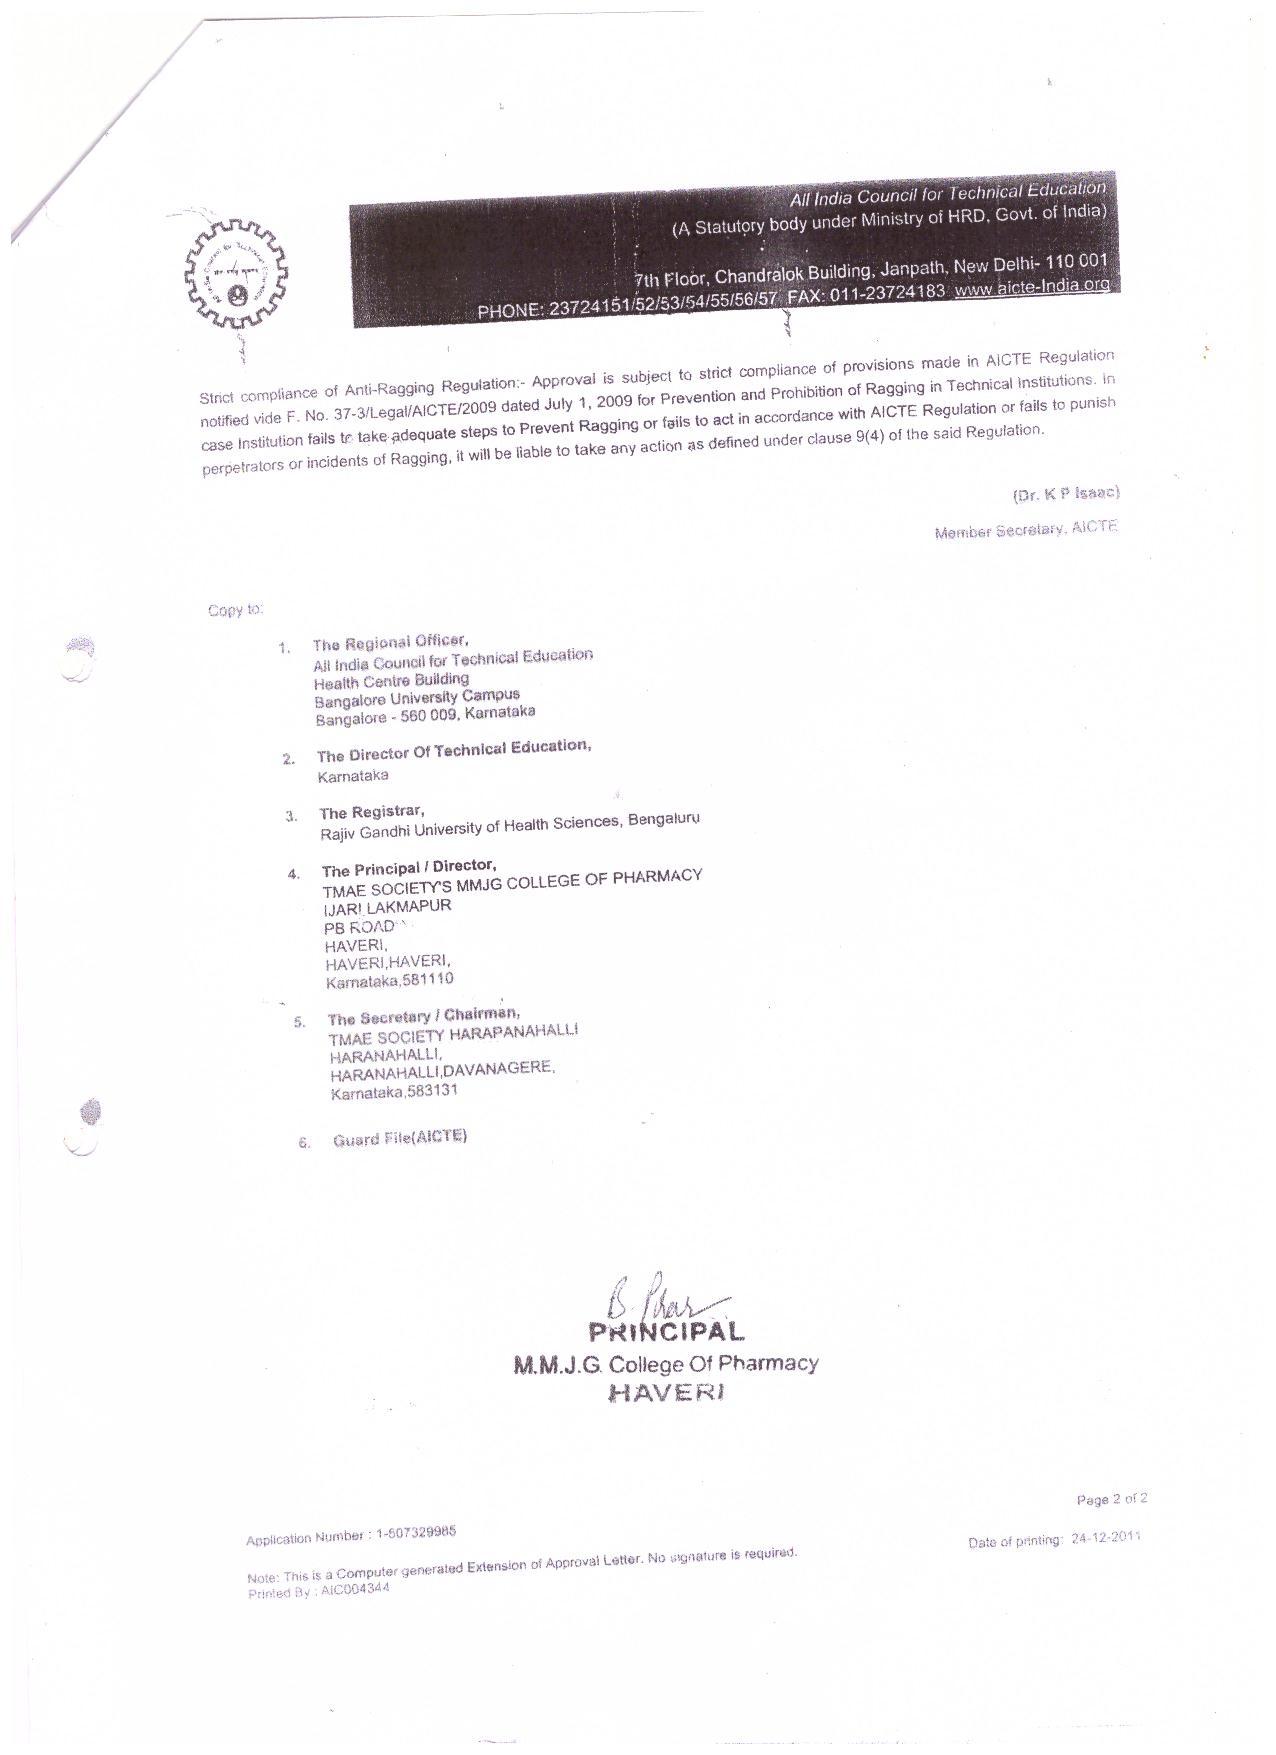 AICTE Approval Copy 2011-12 (2)